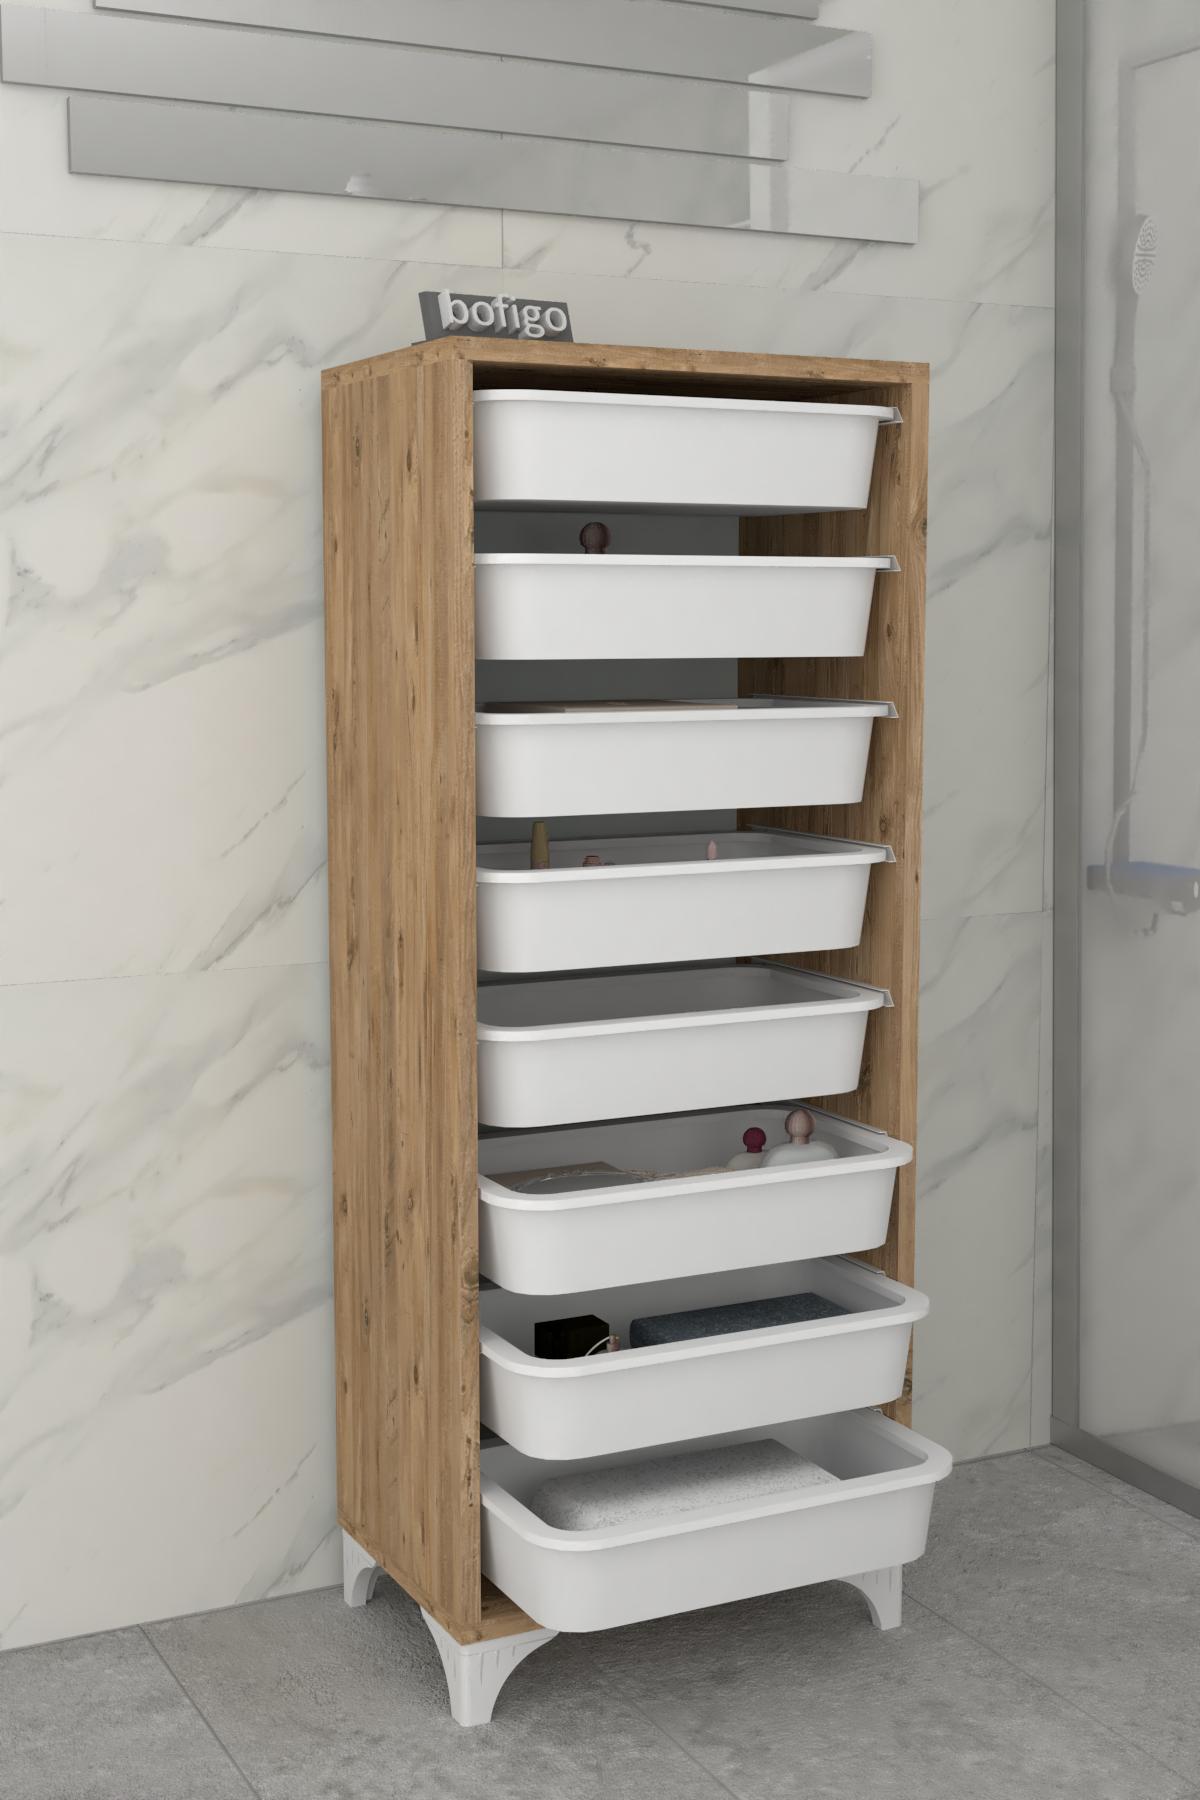 Bofigo 8 Basket Kitchen Cabinet Multi-Purpose Cabinet Crisper Pine